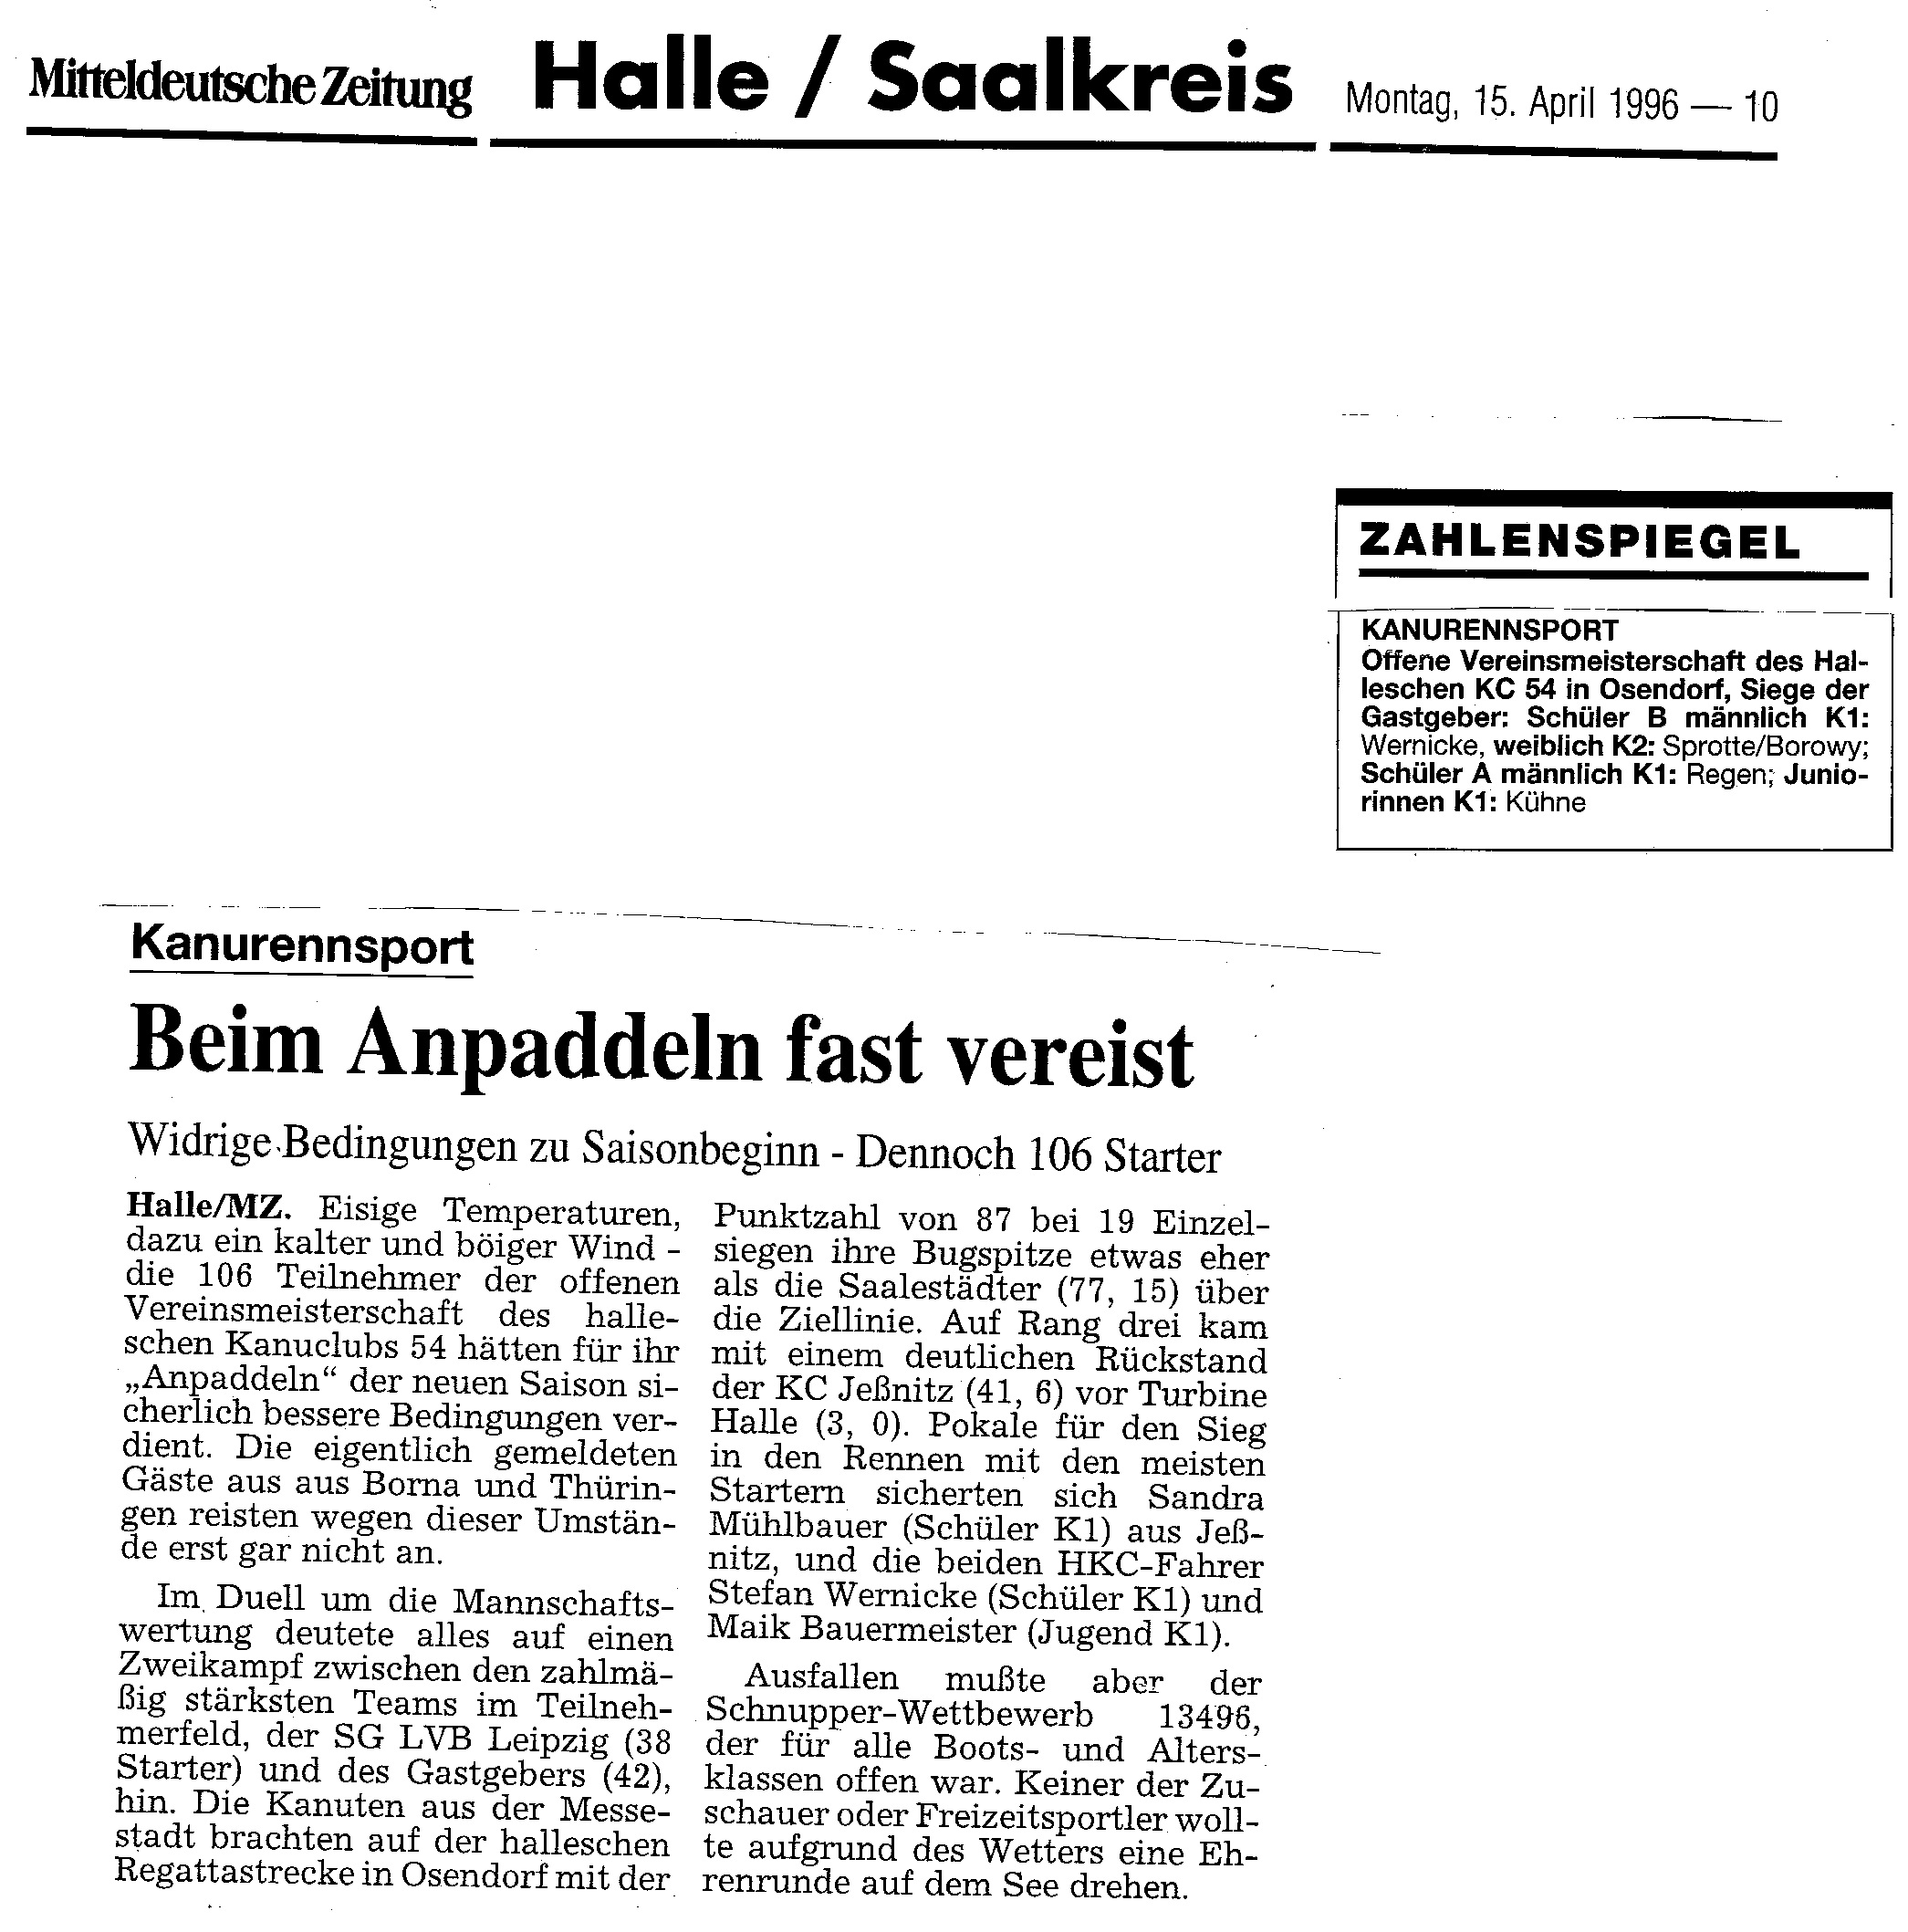 1996-04-15 MZ Beim Anpaddeln fast vereist